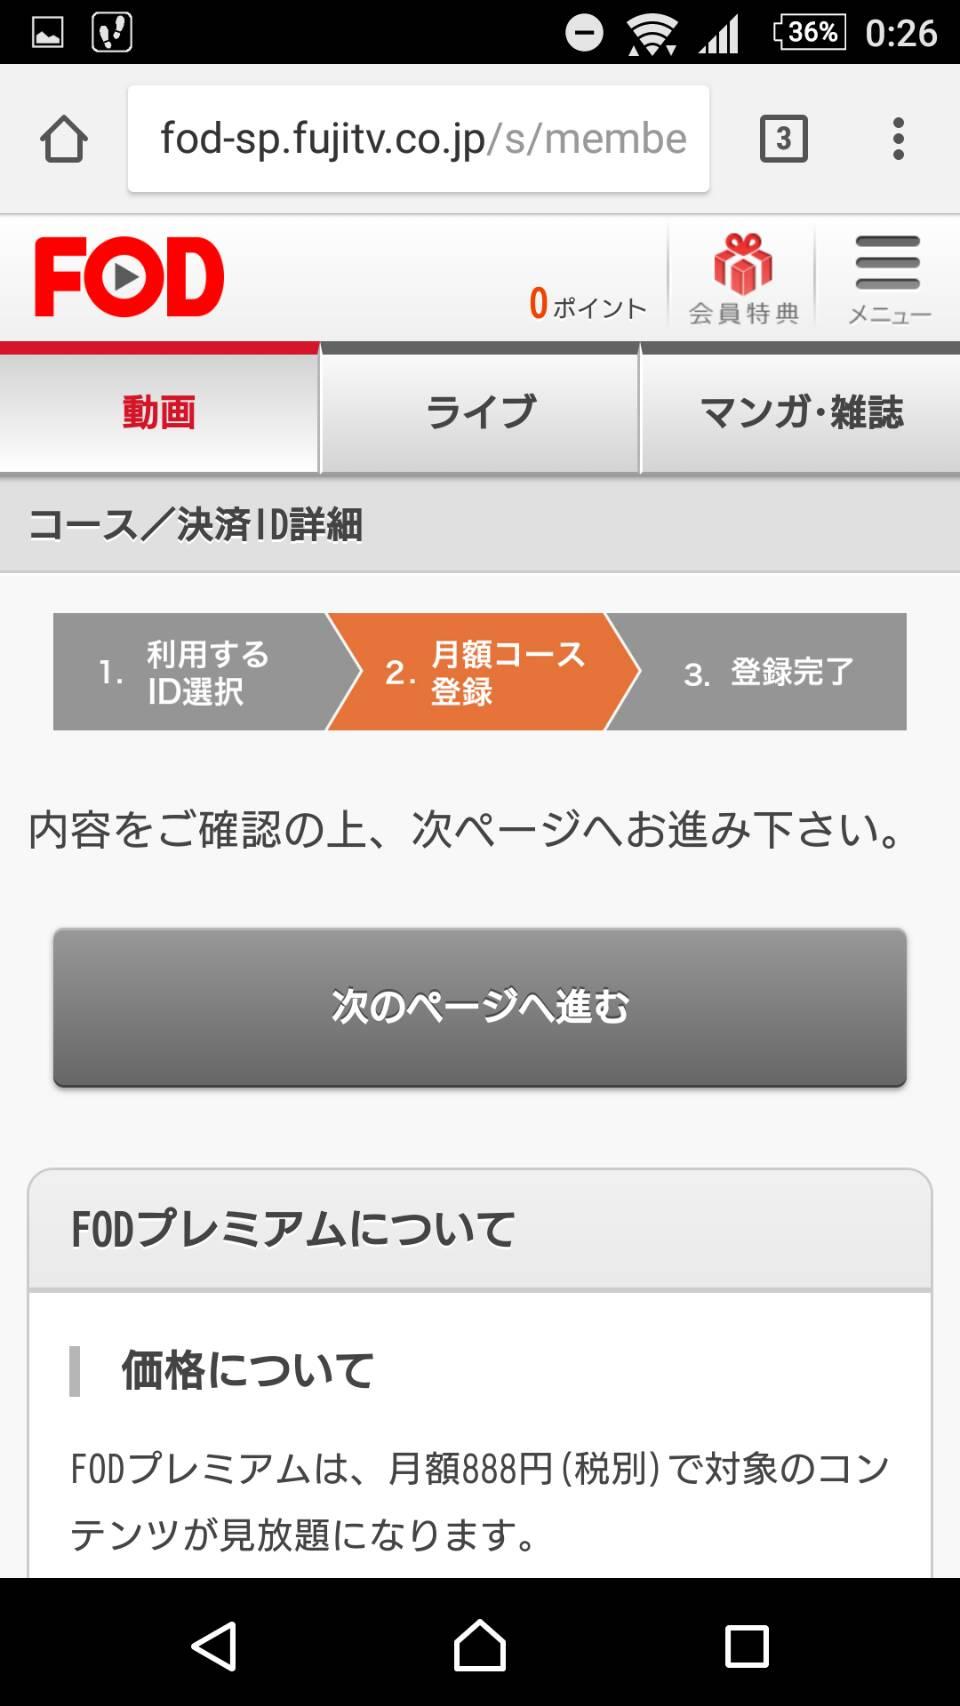 FODのコース内容確認画面の画像